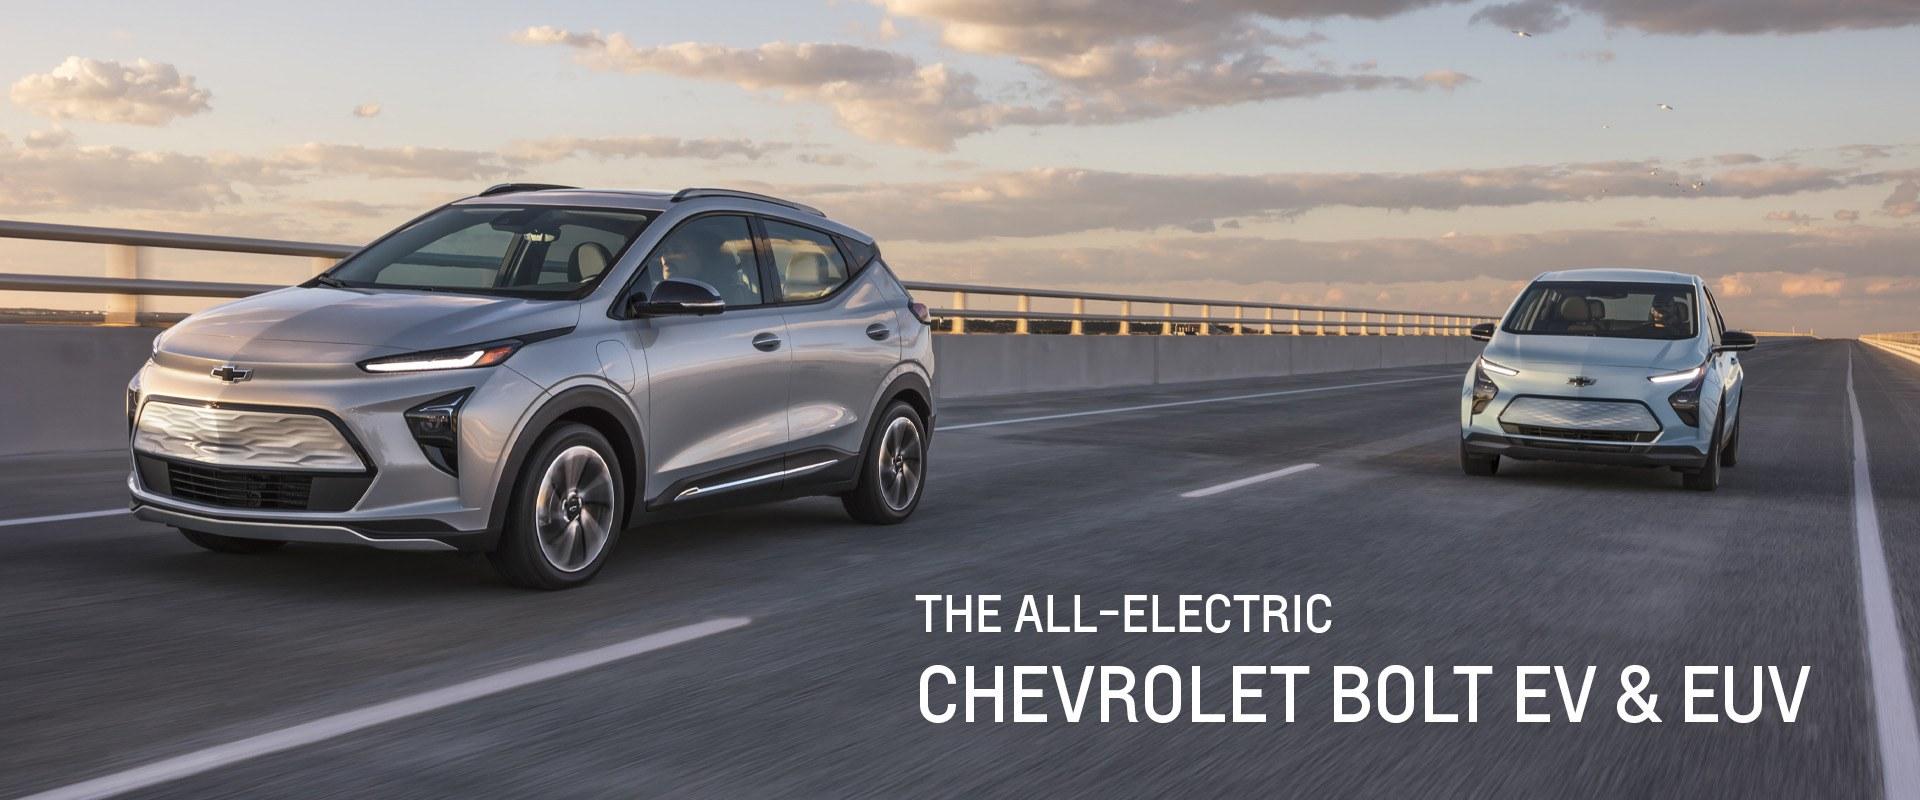 Chevrolet Bolt EV & EUV